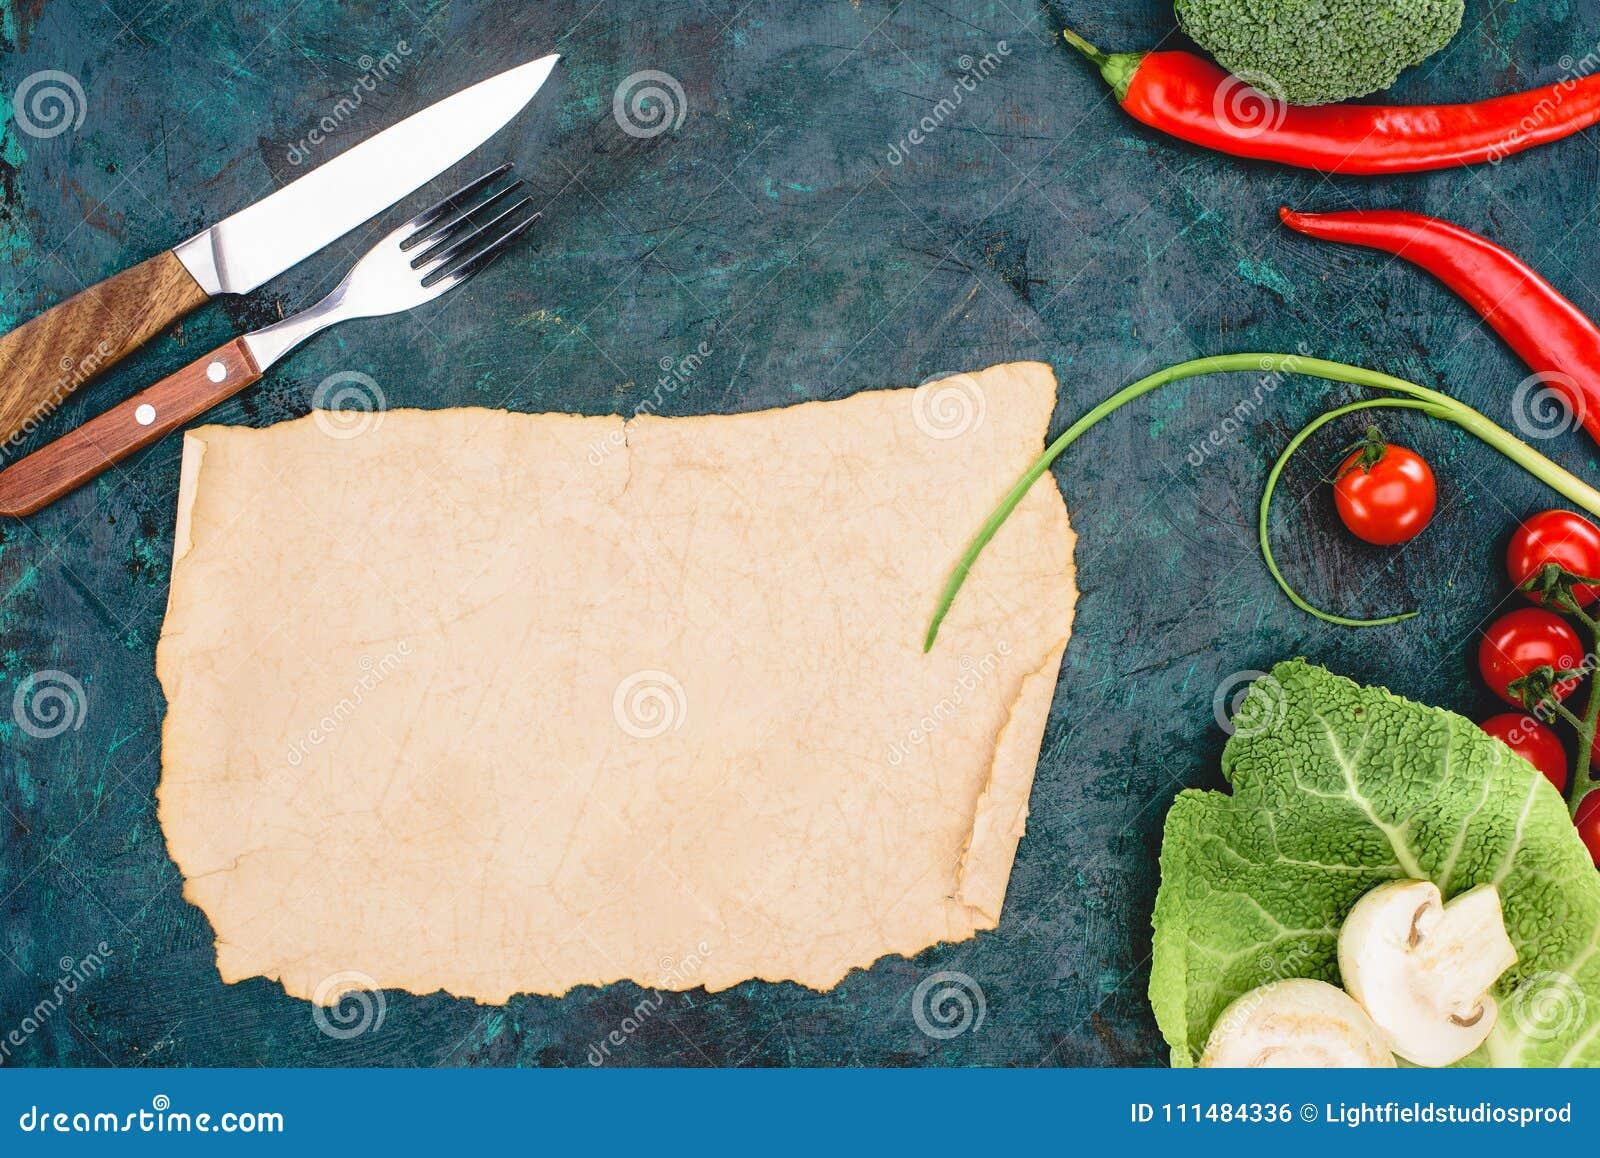 Vue supérieure de parchemin vide, de fourchette avec le couteau et de légumes crus mûrs